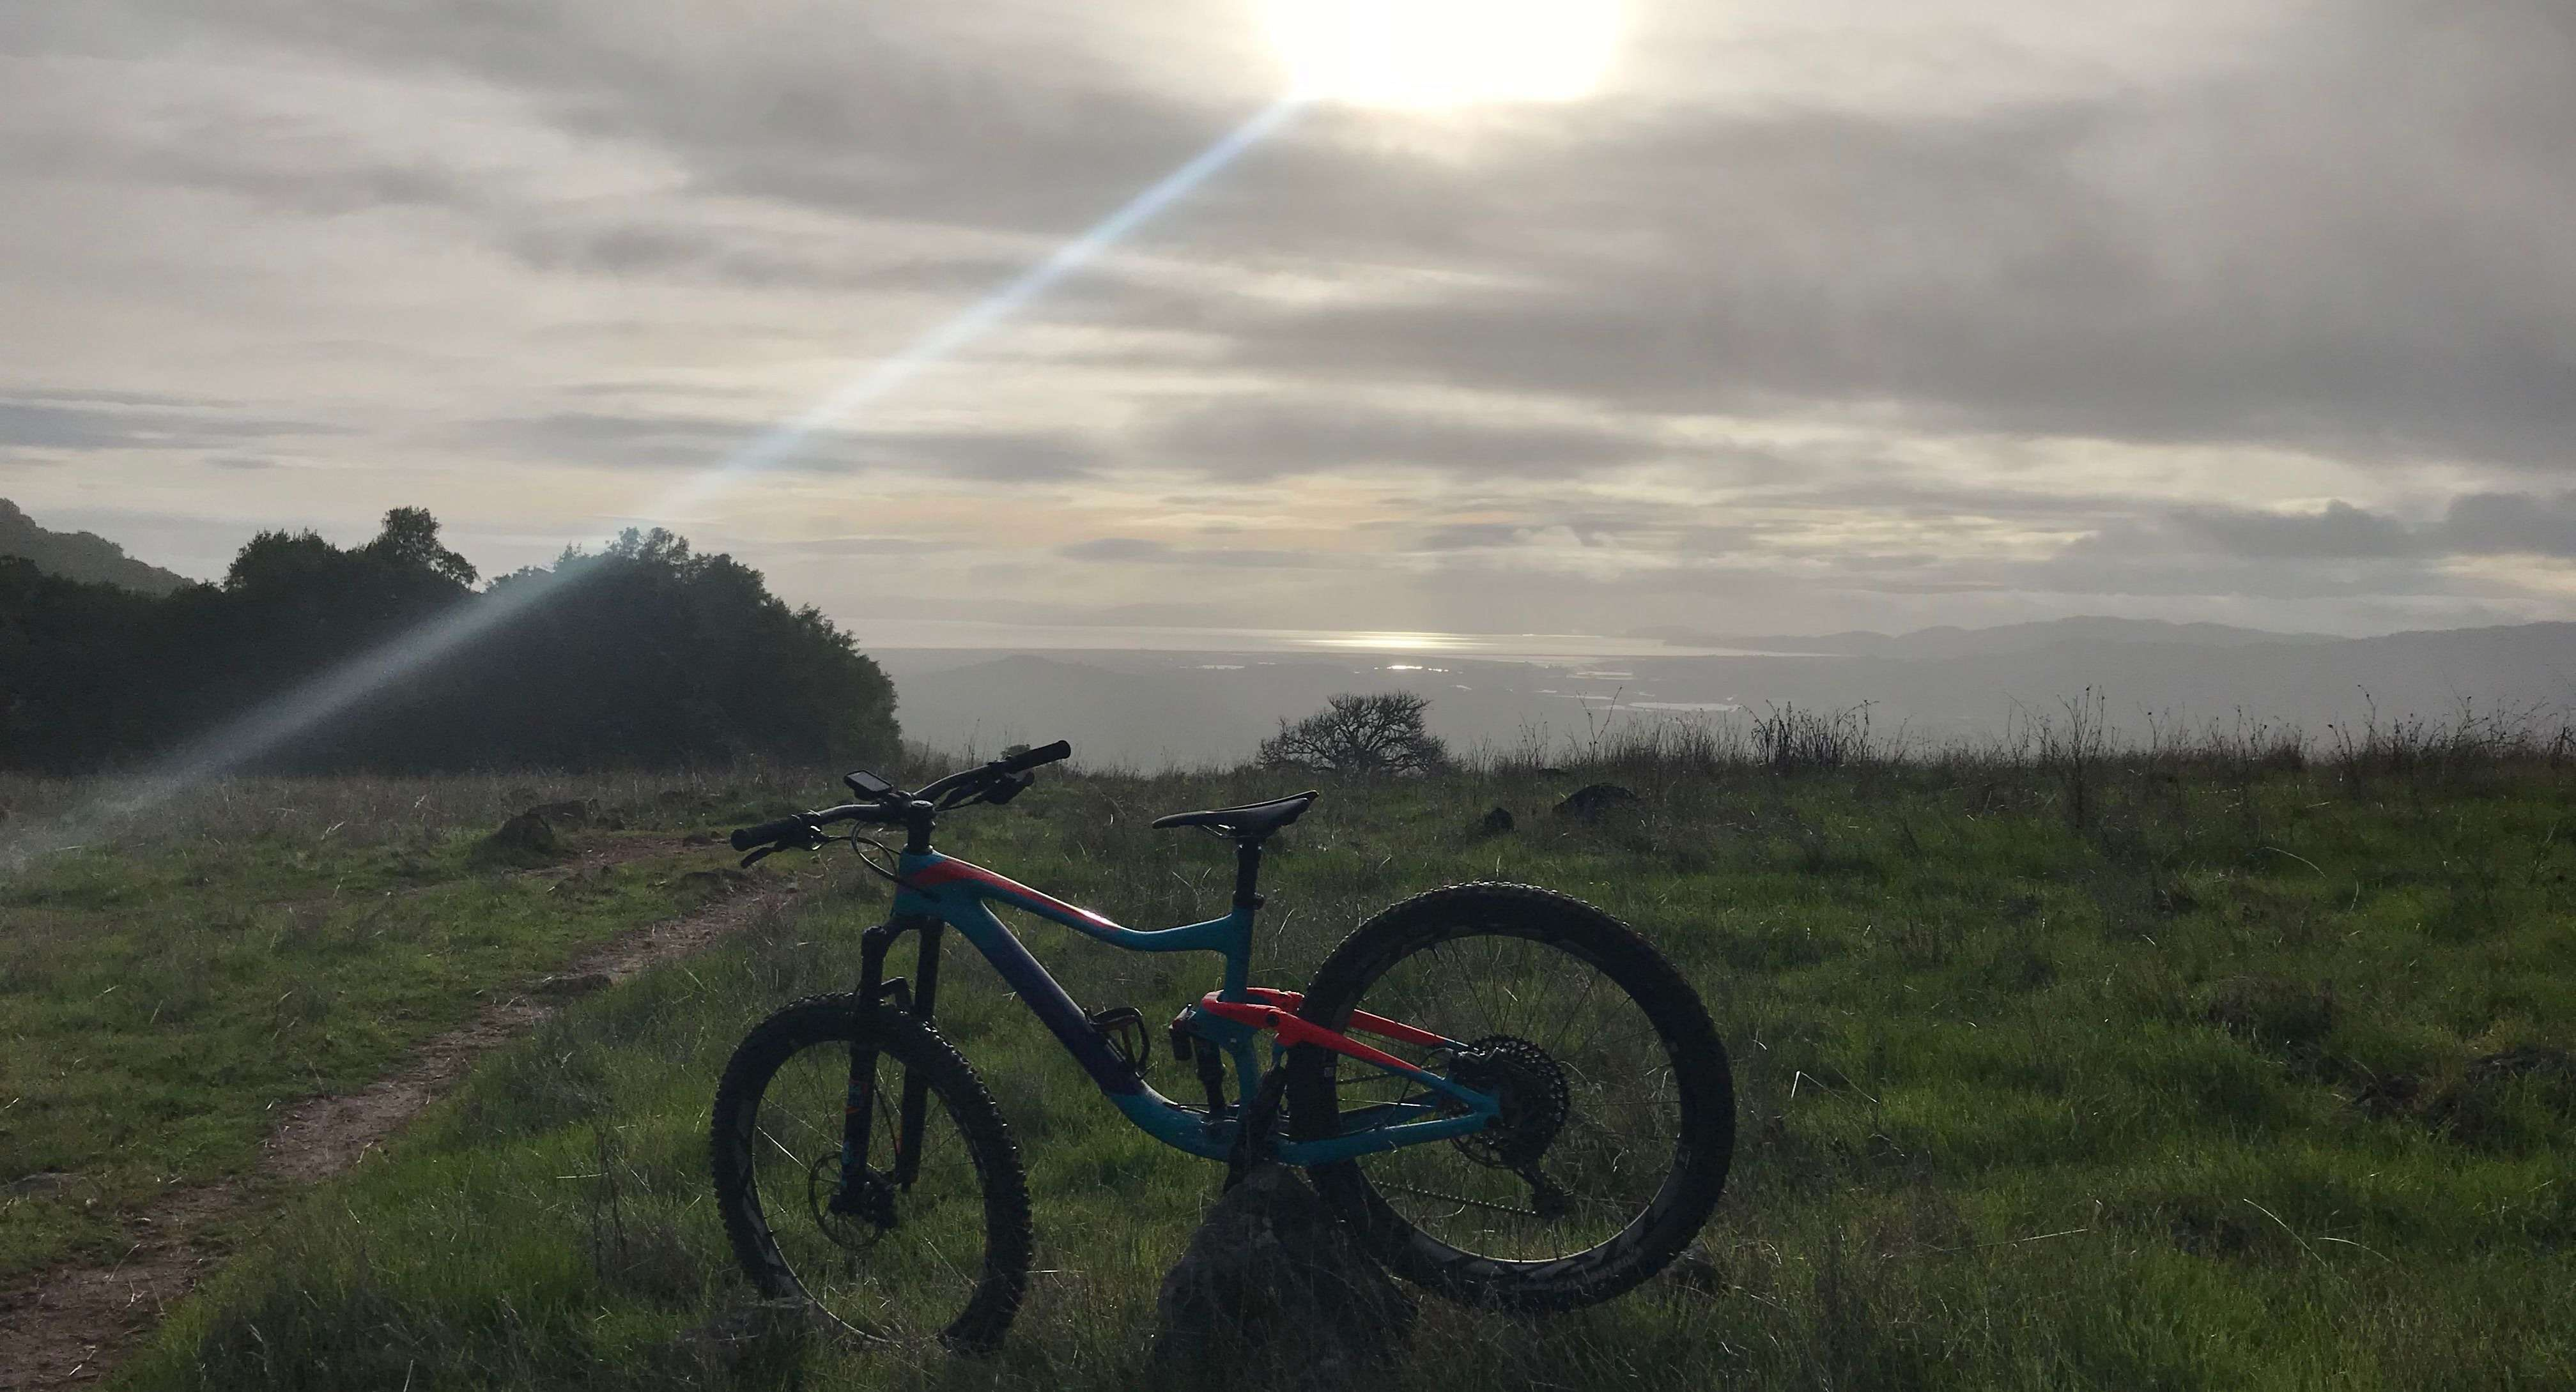 Mountain bike in a field